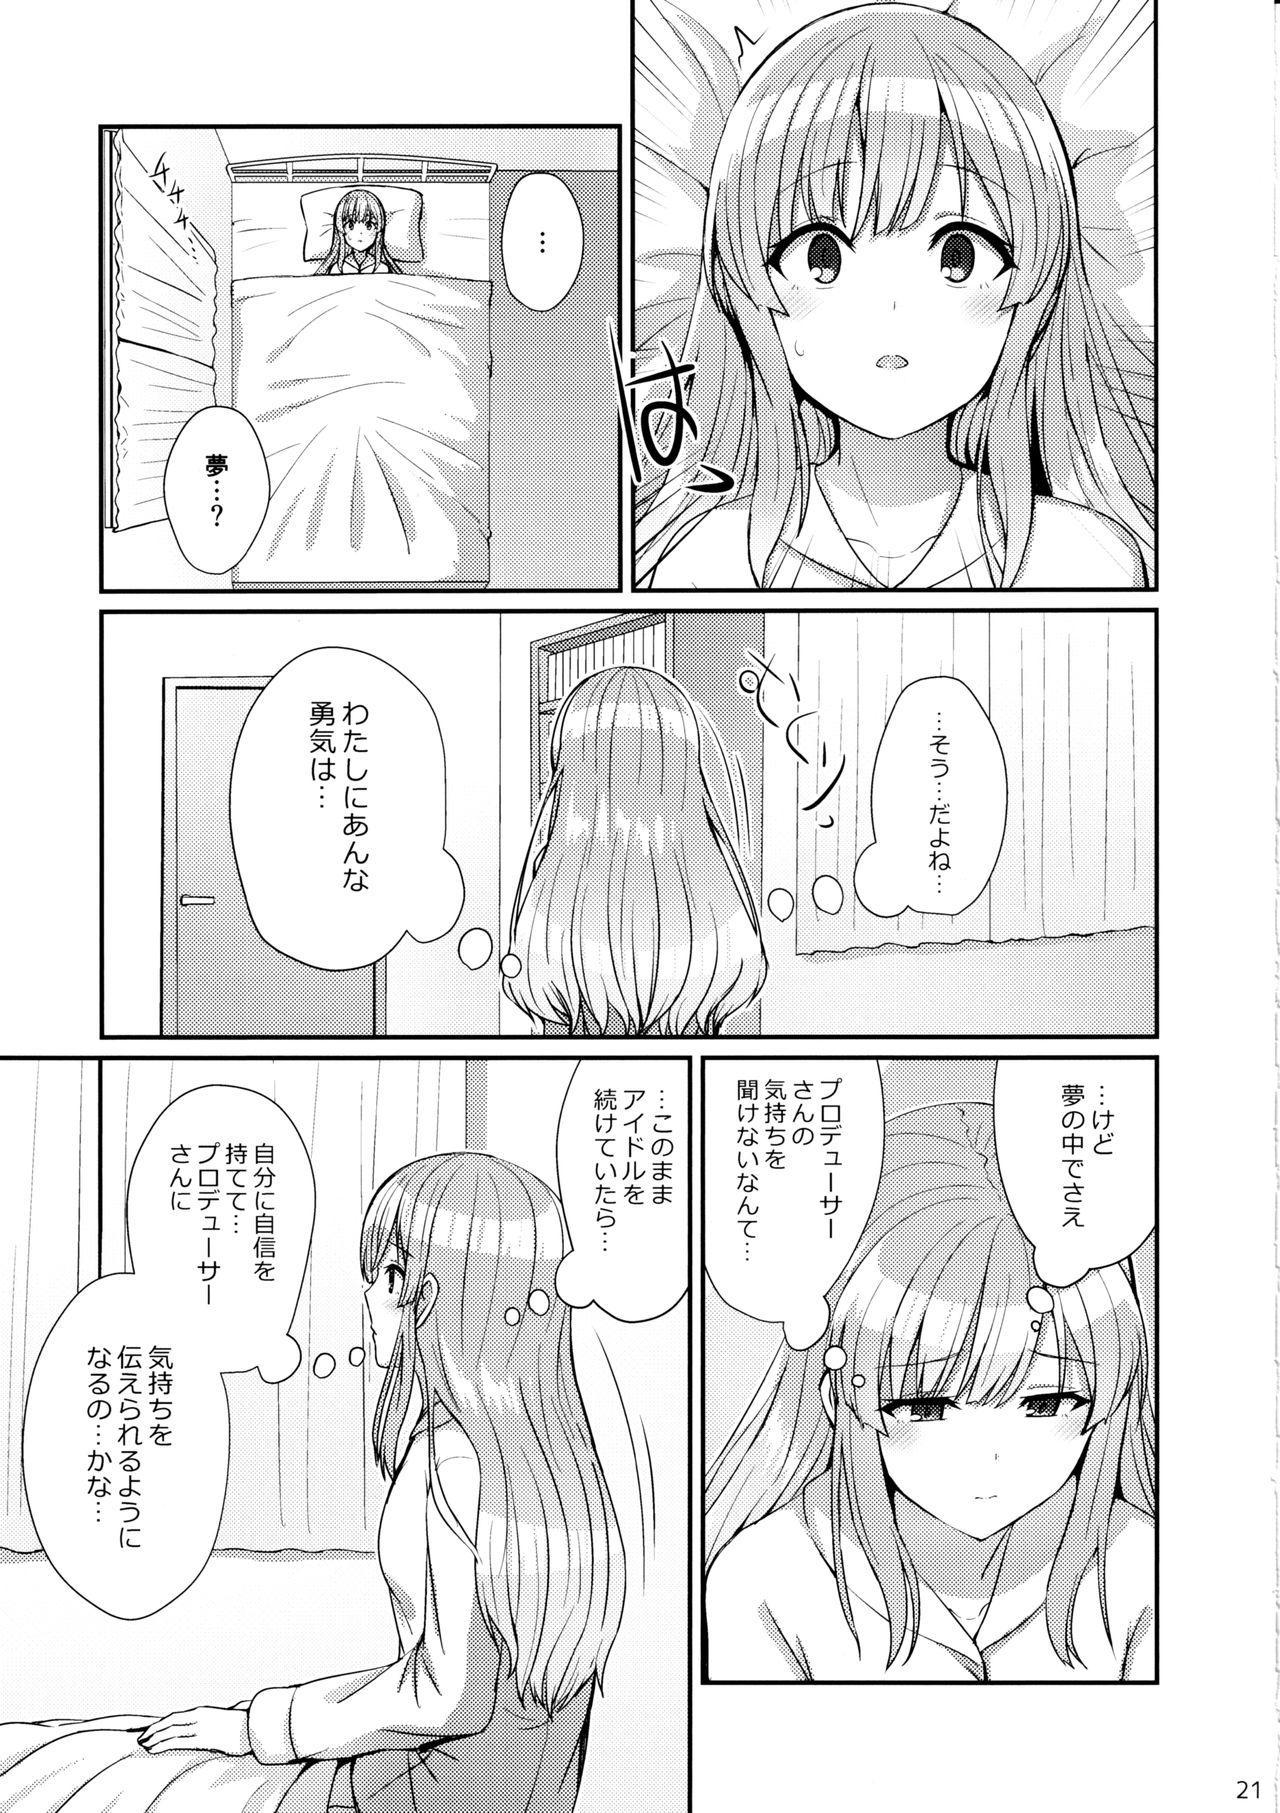 Kiriko no Yume 19